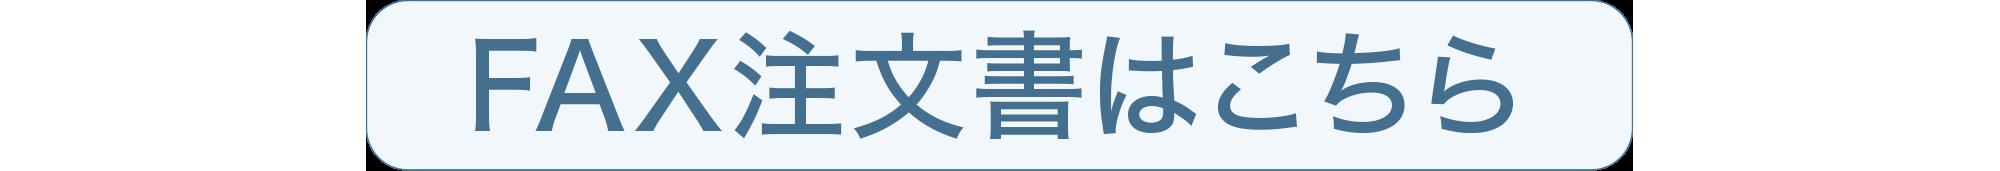 """""""使い捨てマスクケースFAXダウンロード"""""""